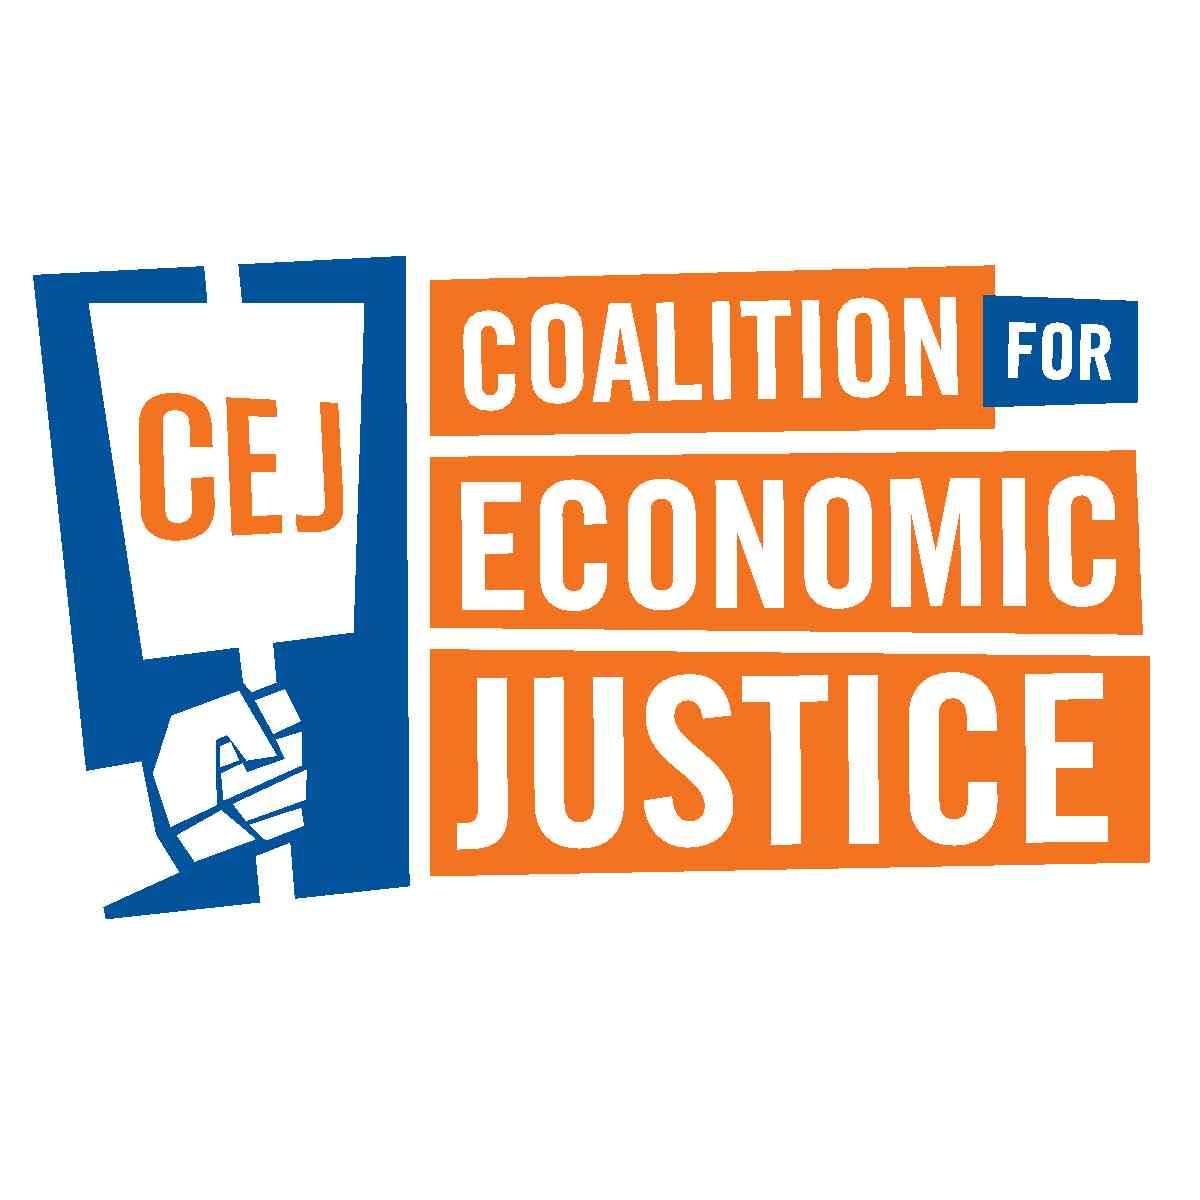 Cej_final_new_logo